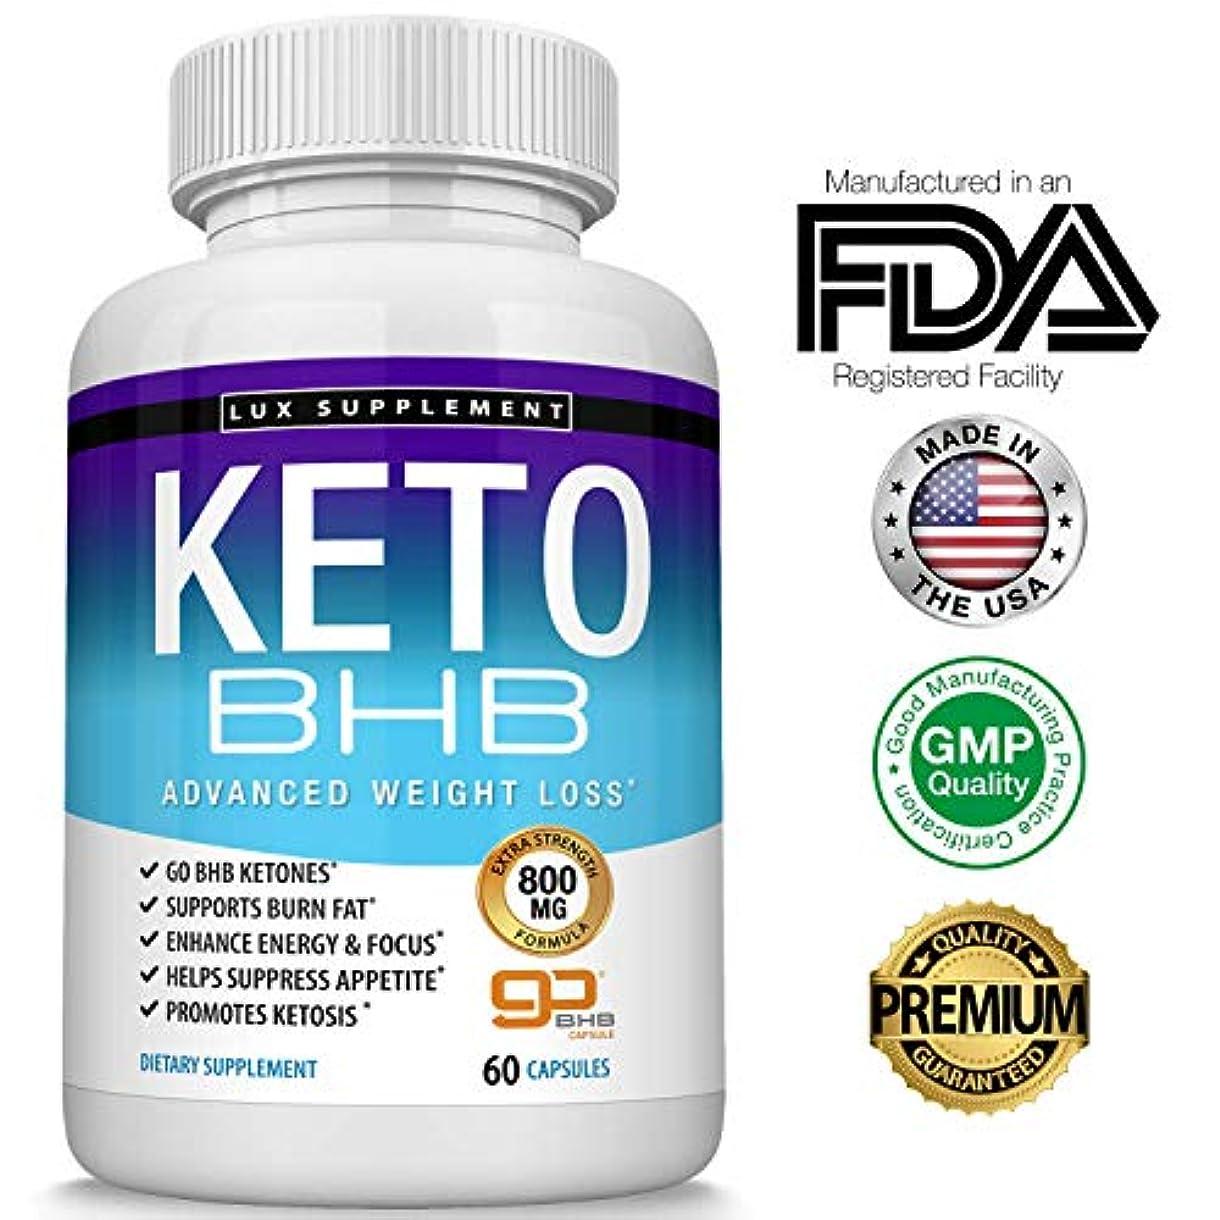 単に教授僕のLux Supplement ケト BHB Keto Pills Advanced ケトジェニック ダイエット 燃焼系 サプリ 60粒 [海外直送品]